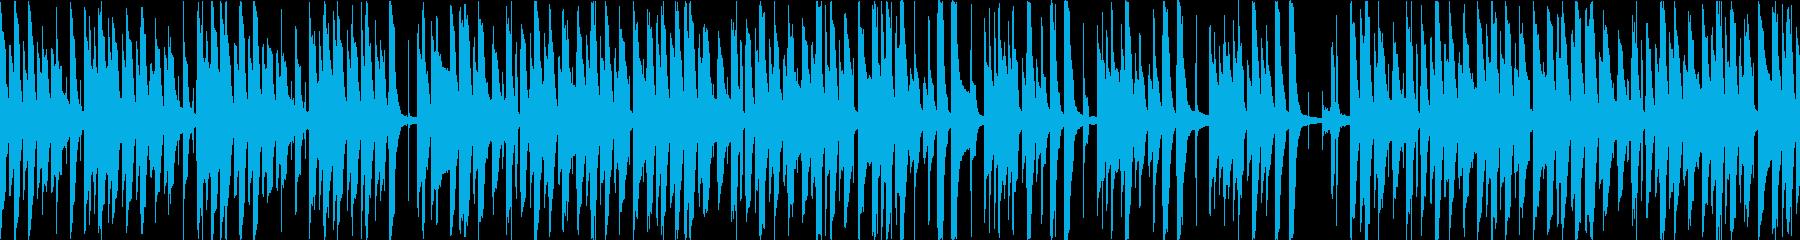 猫をイメージしたほのぼのポップな曲です!の再生済みの波形